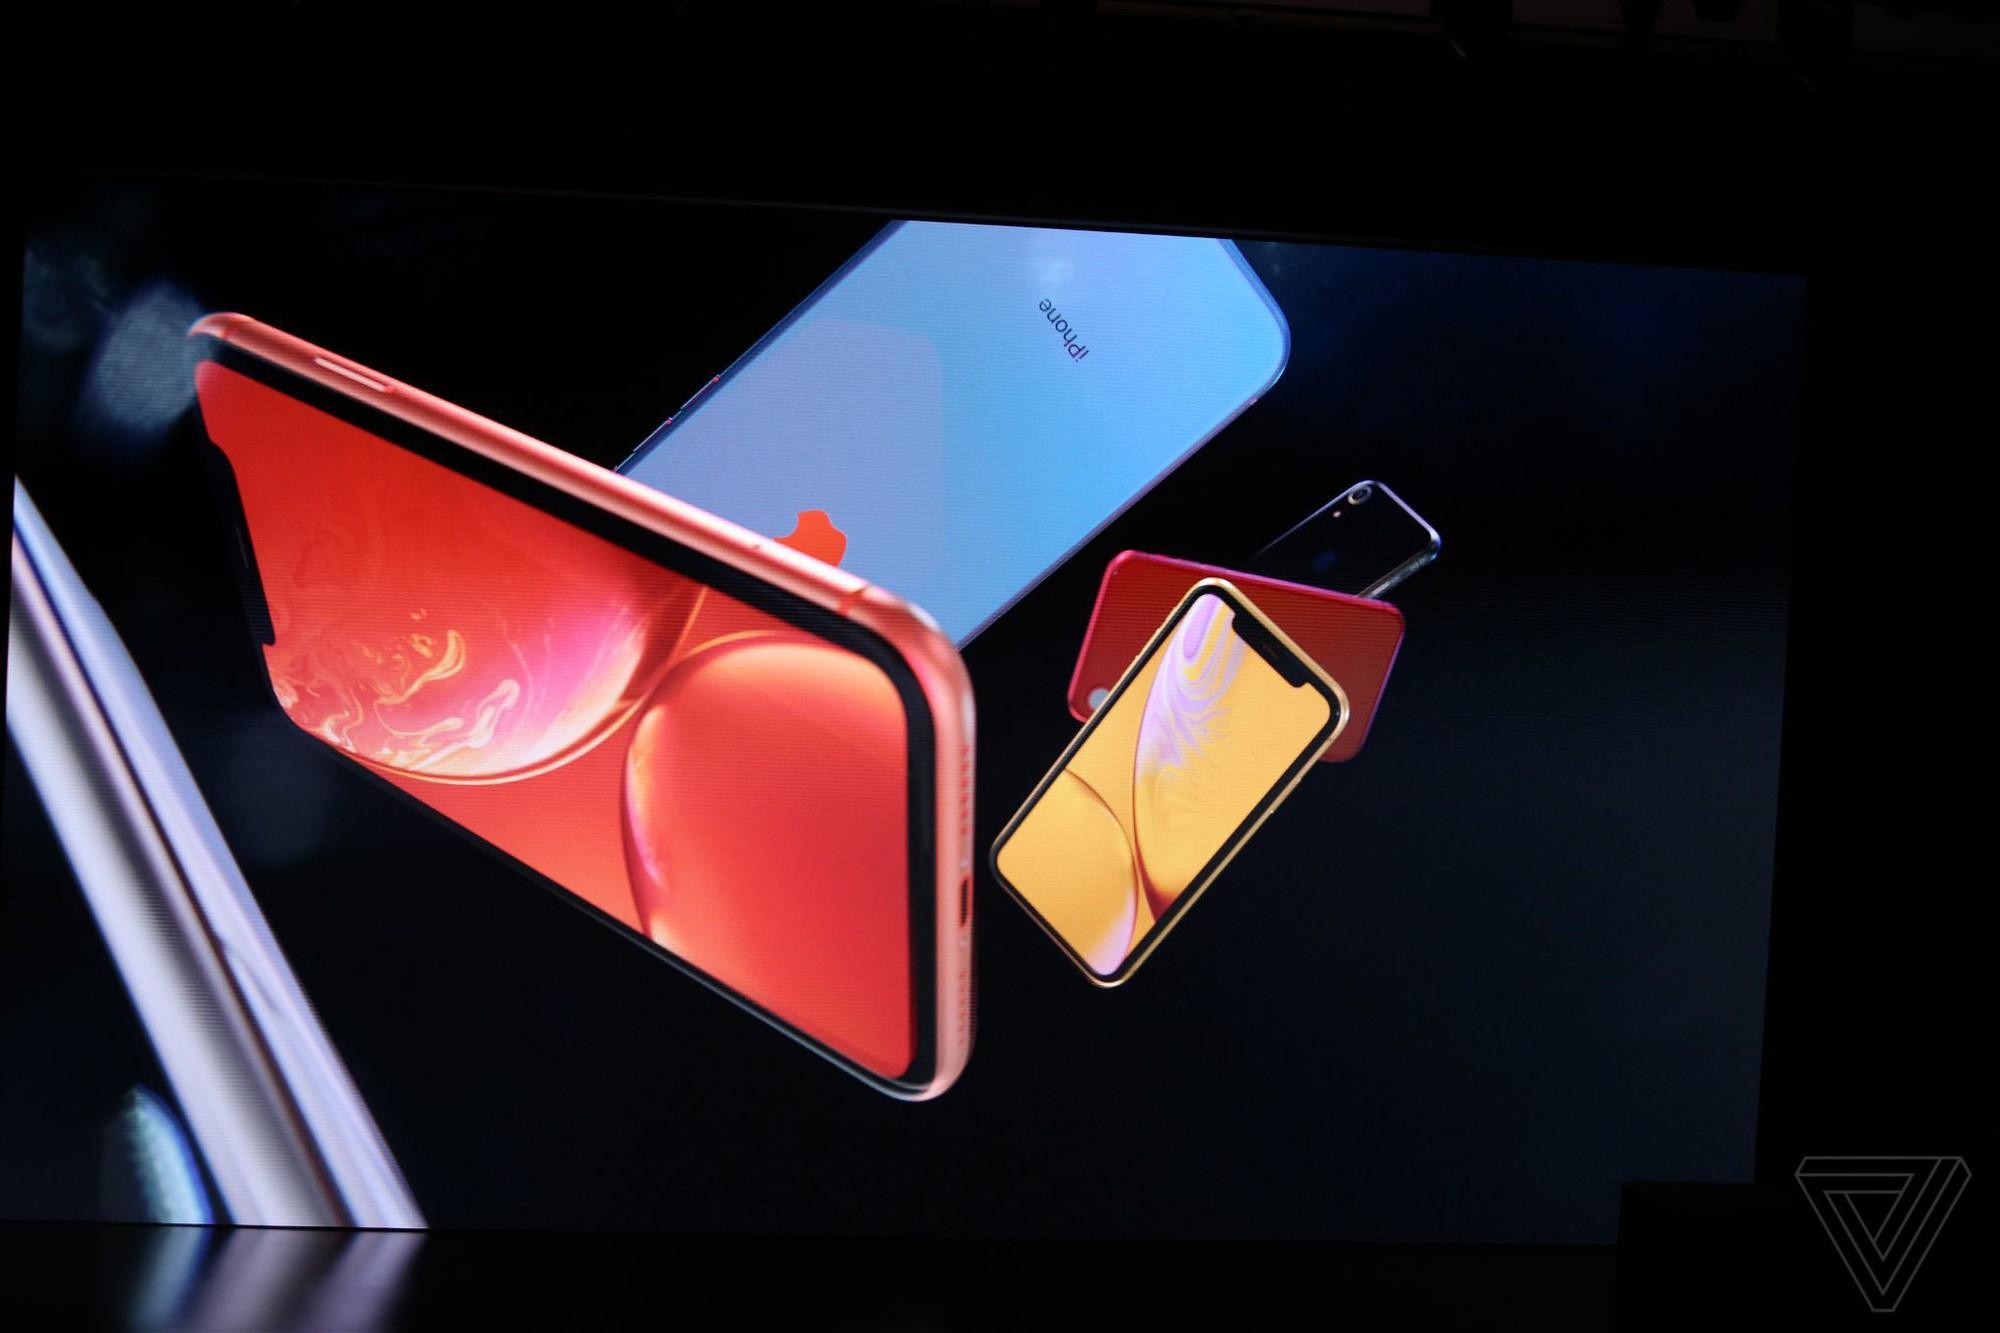 Review iPhone Xr: Nhìn như iPhone Xs nhưng giá iPhone Xr chỉ 17 triệu - Ảnh 6.